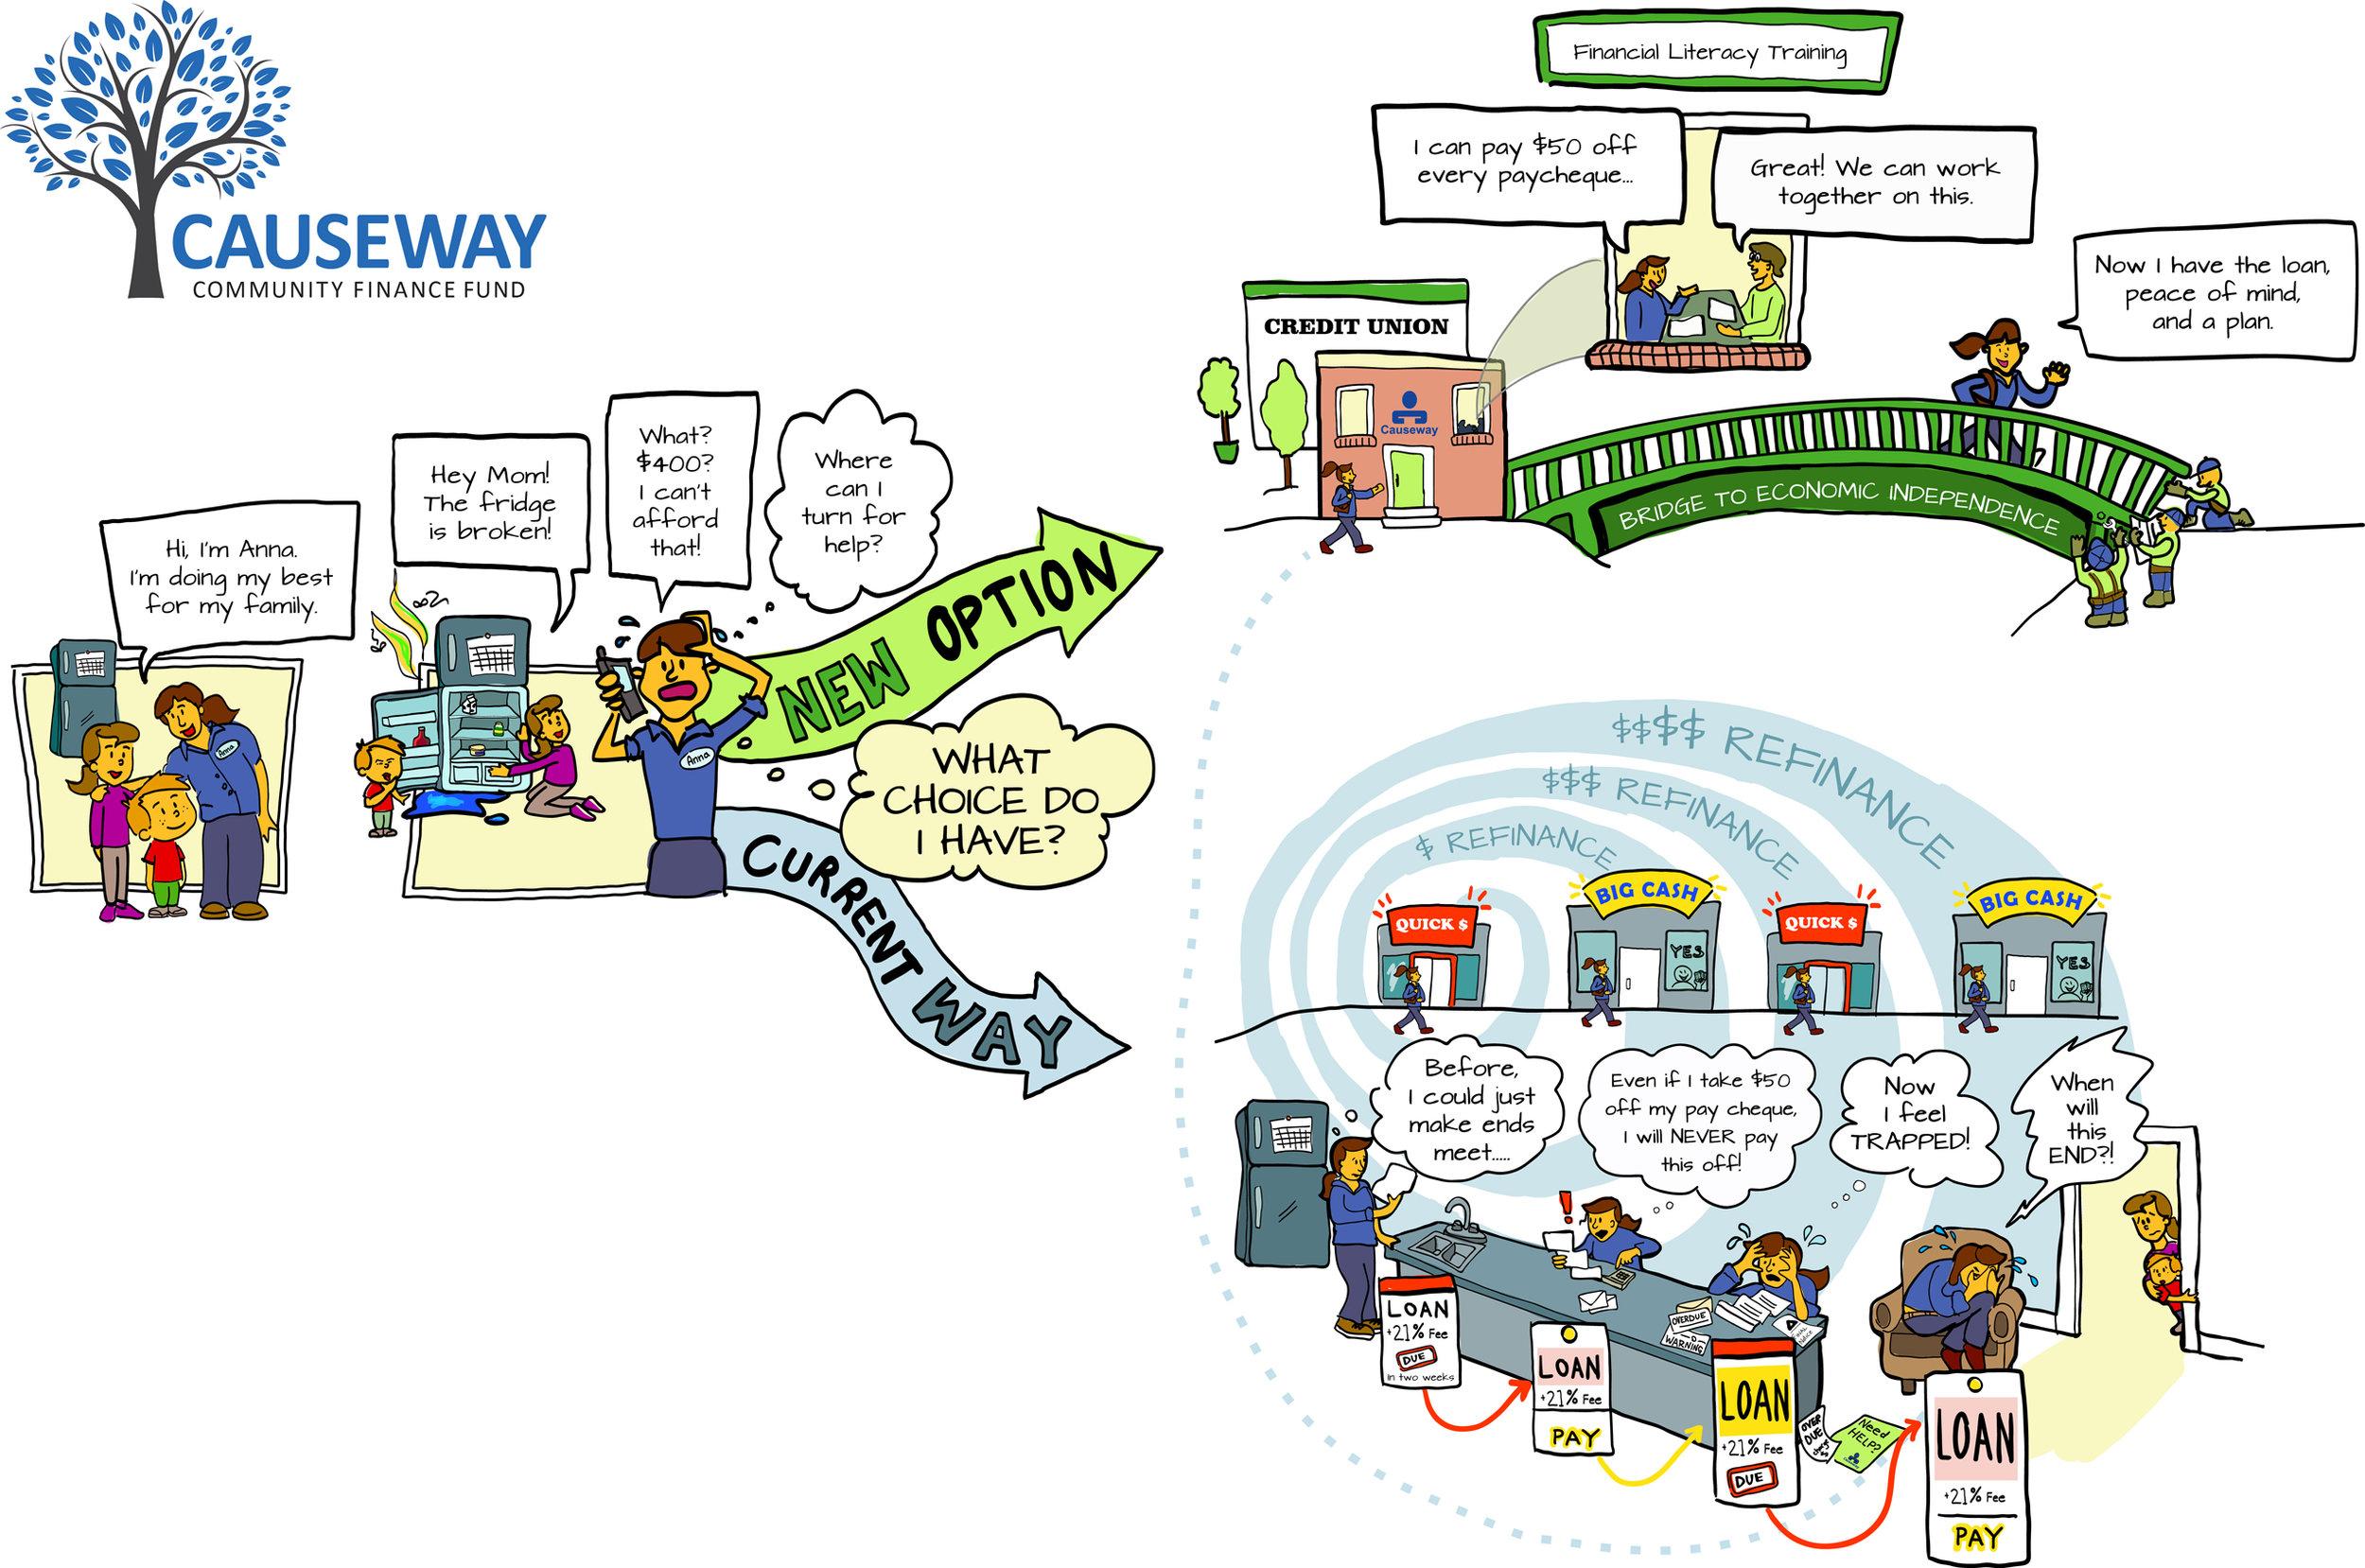 Causeway Community Finance Fund_4.0.jpg